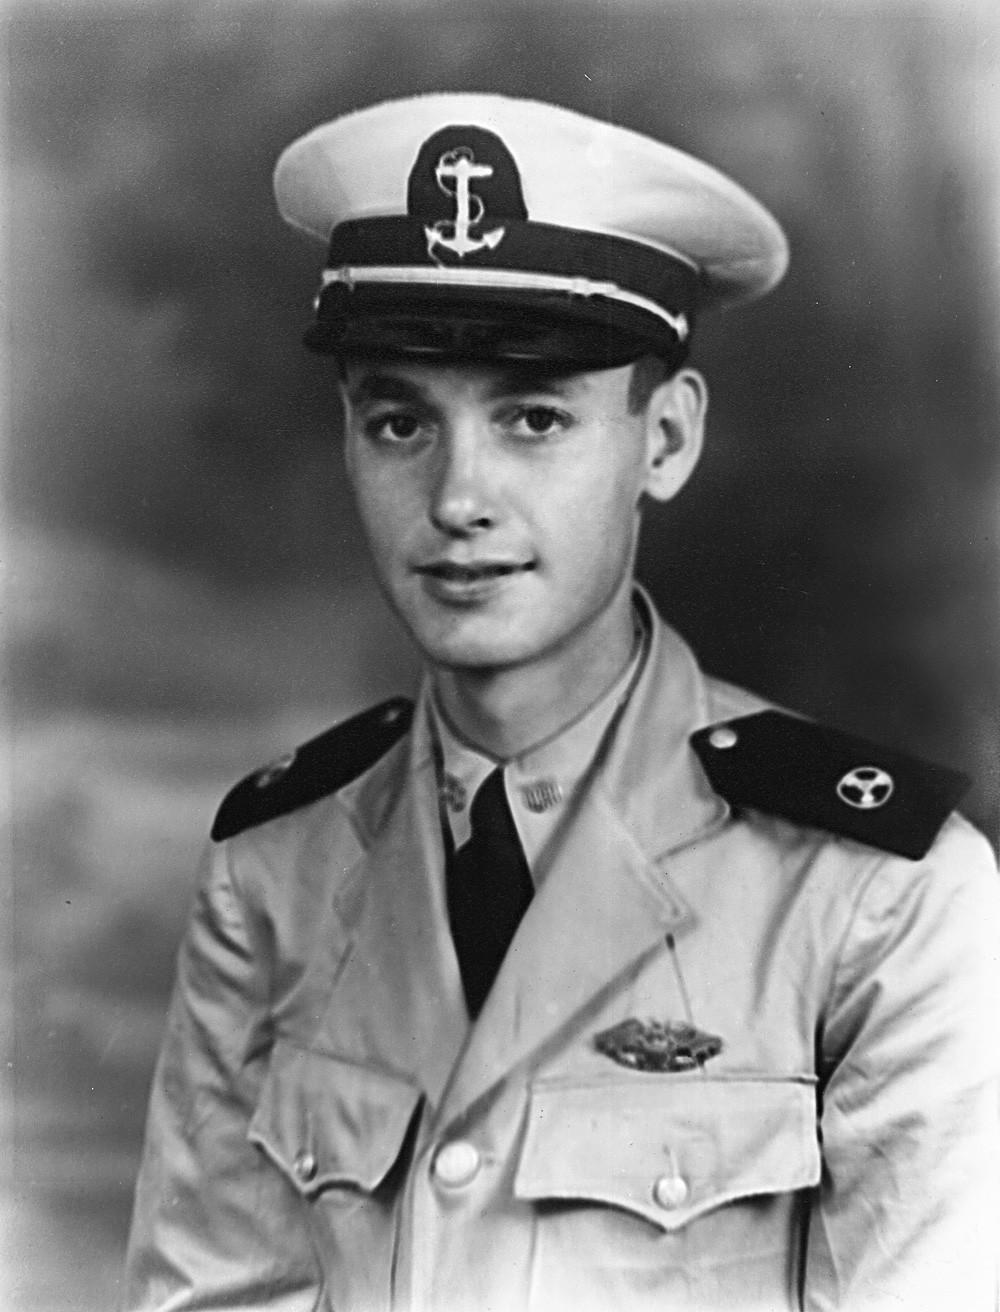 Herman Melton, srpanj 1943.